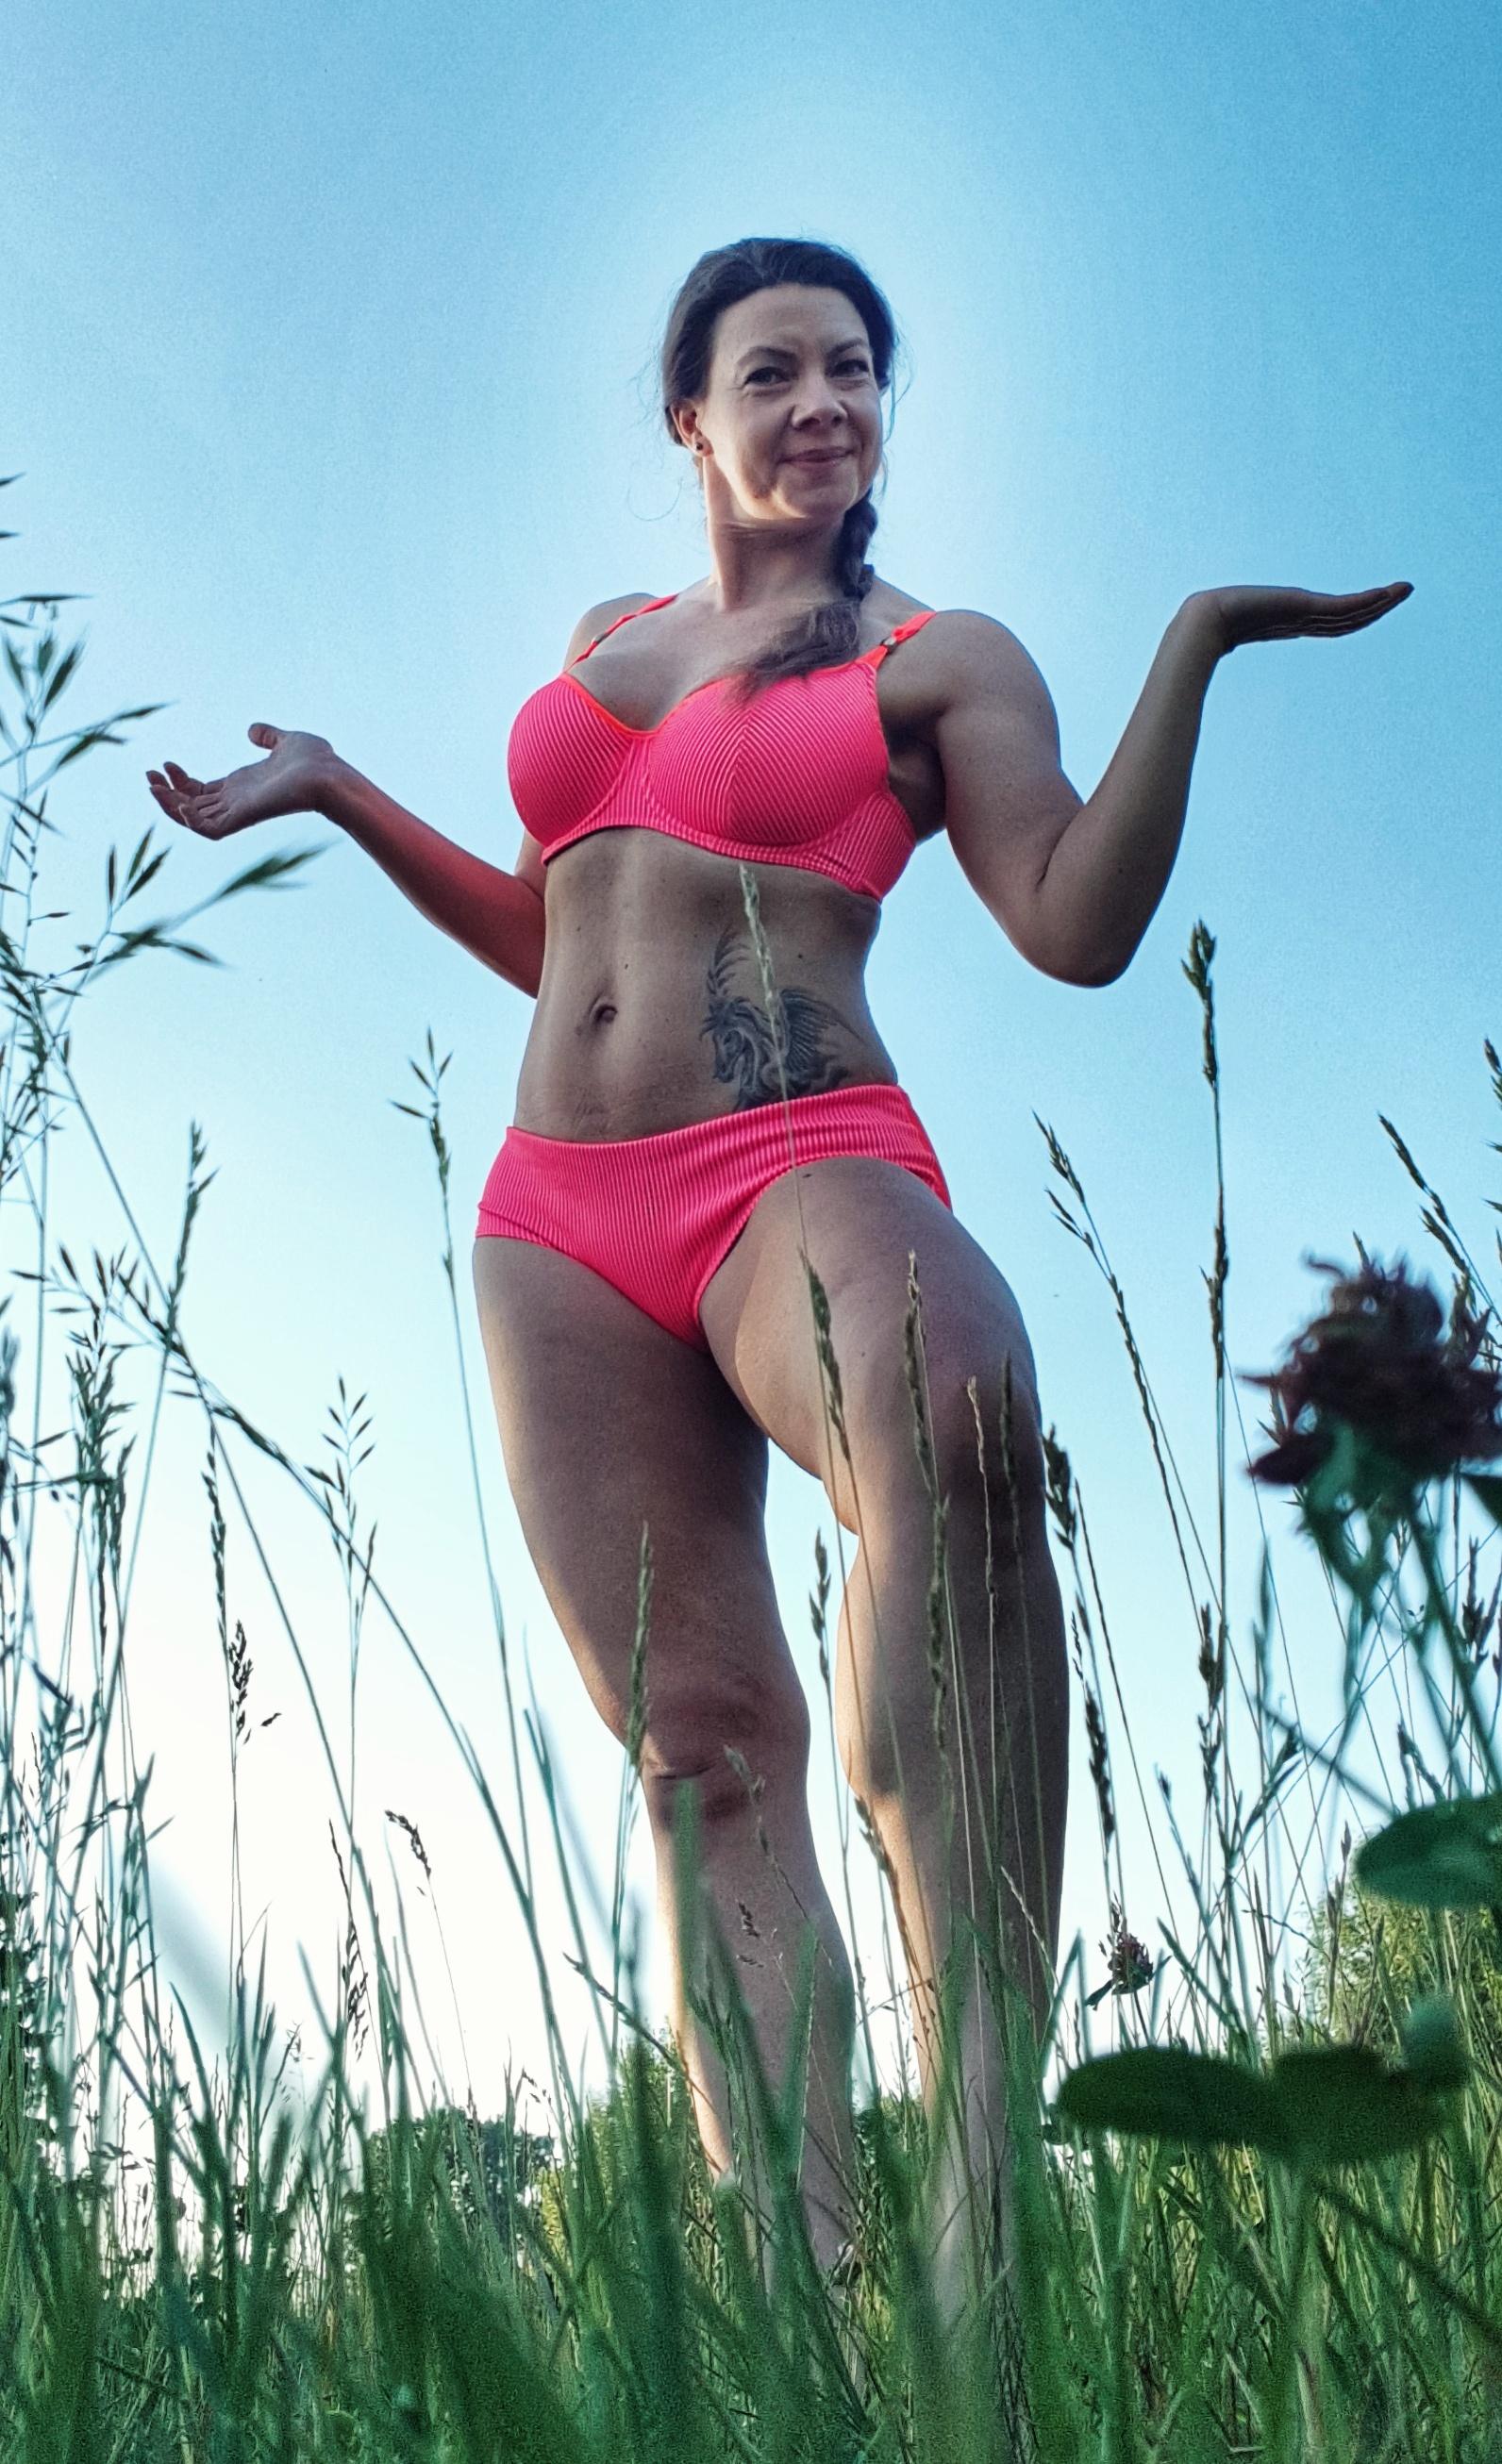 Joanna Tokarska pozuje na stojąco w kostiumie kąpielowym